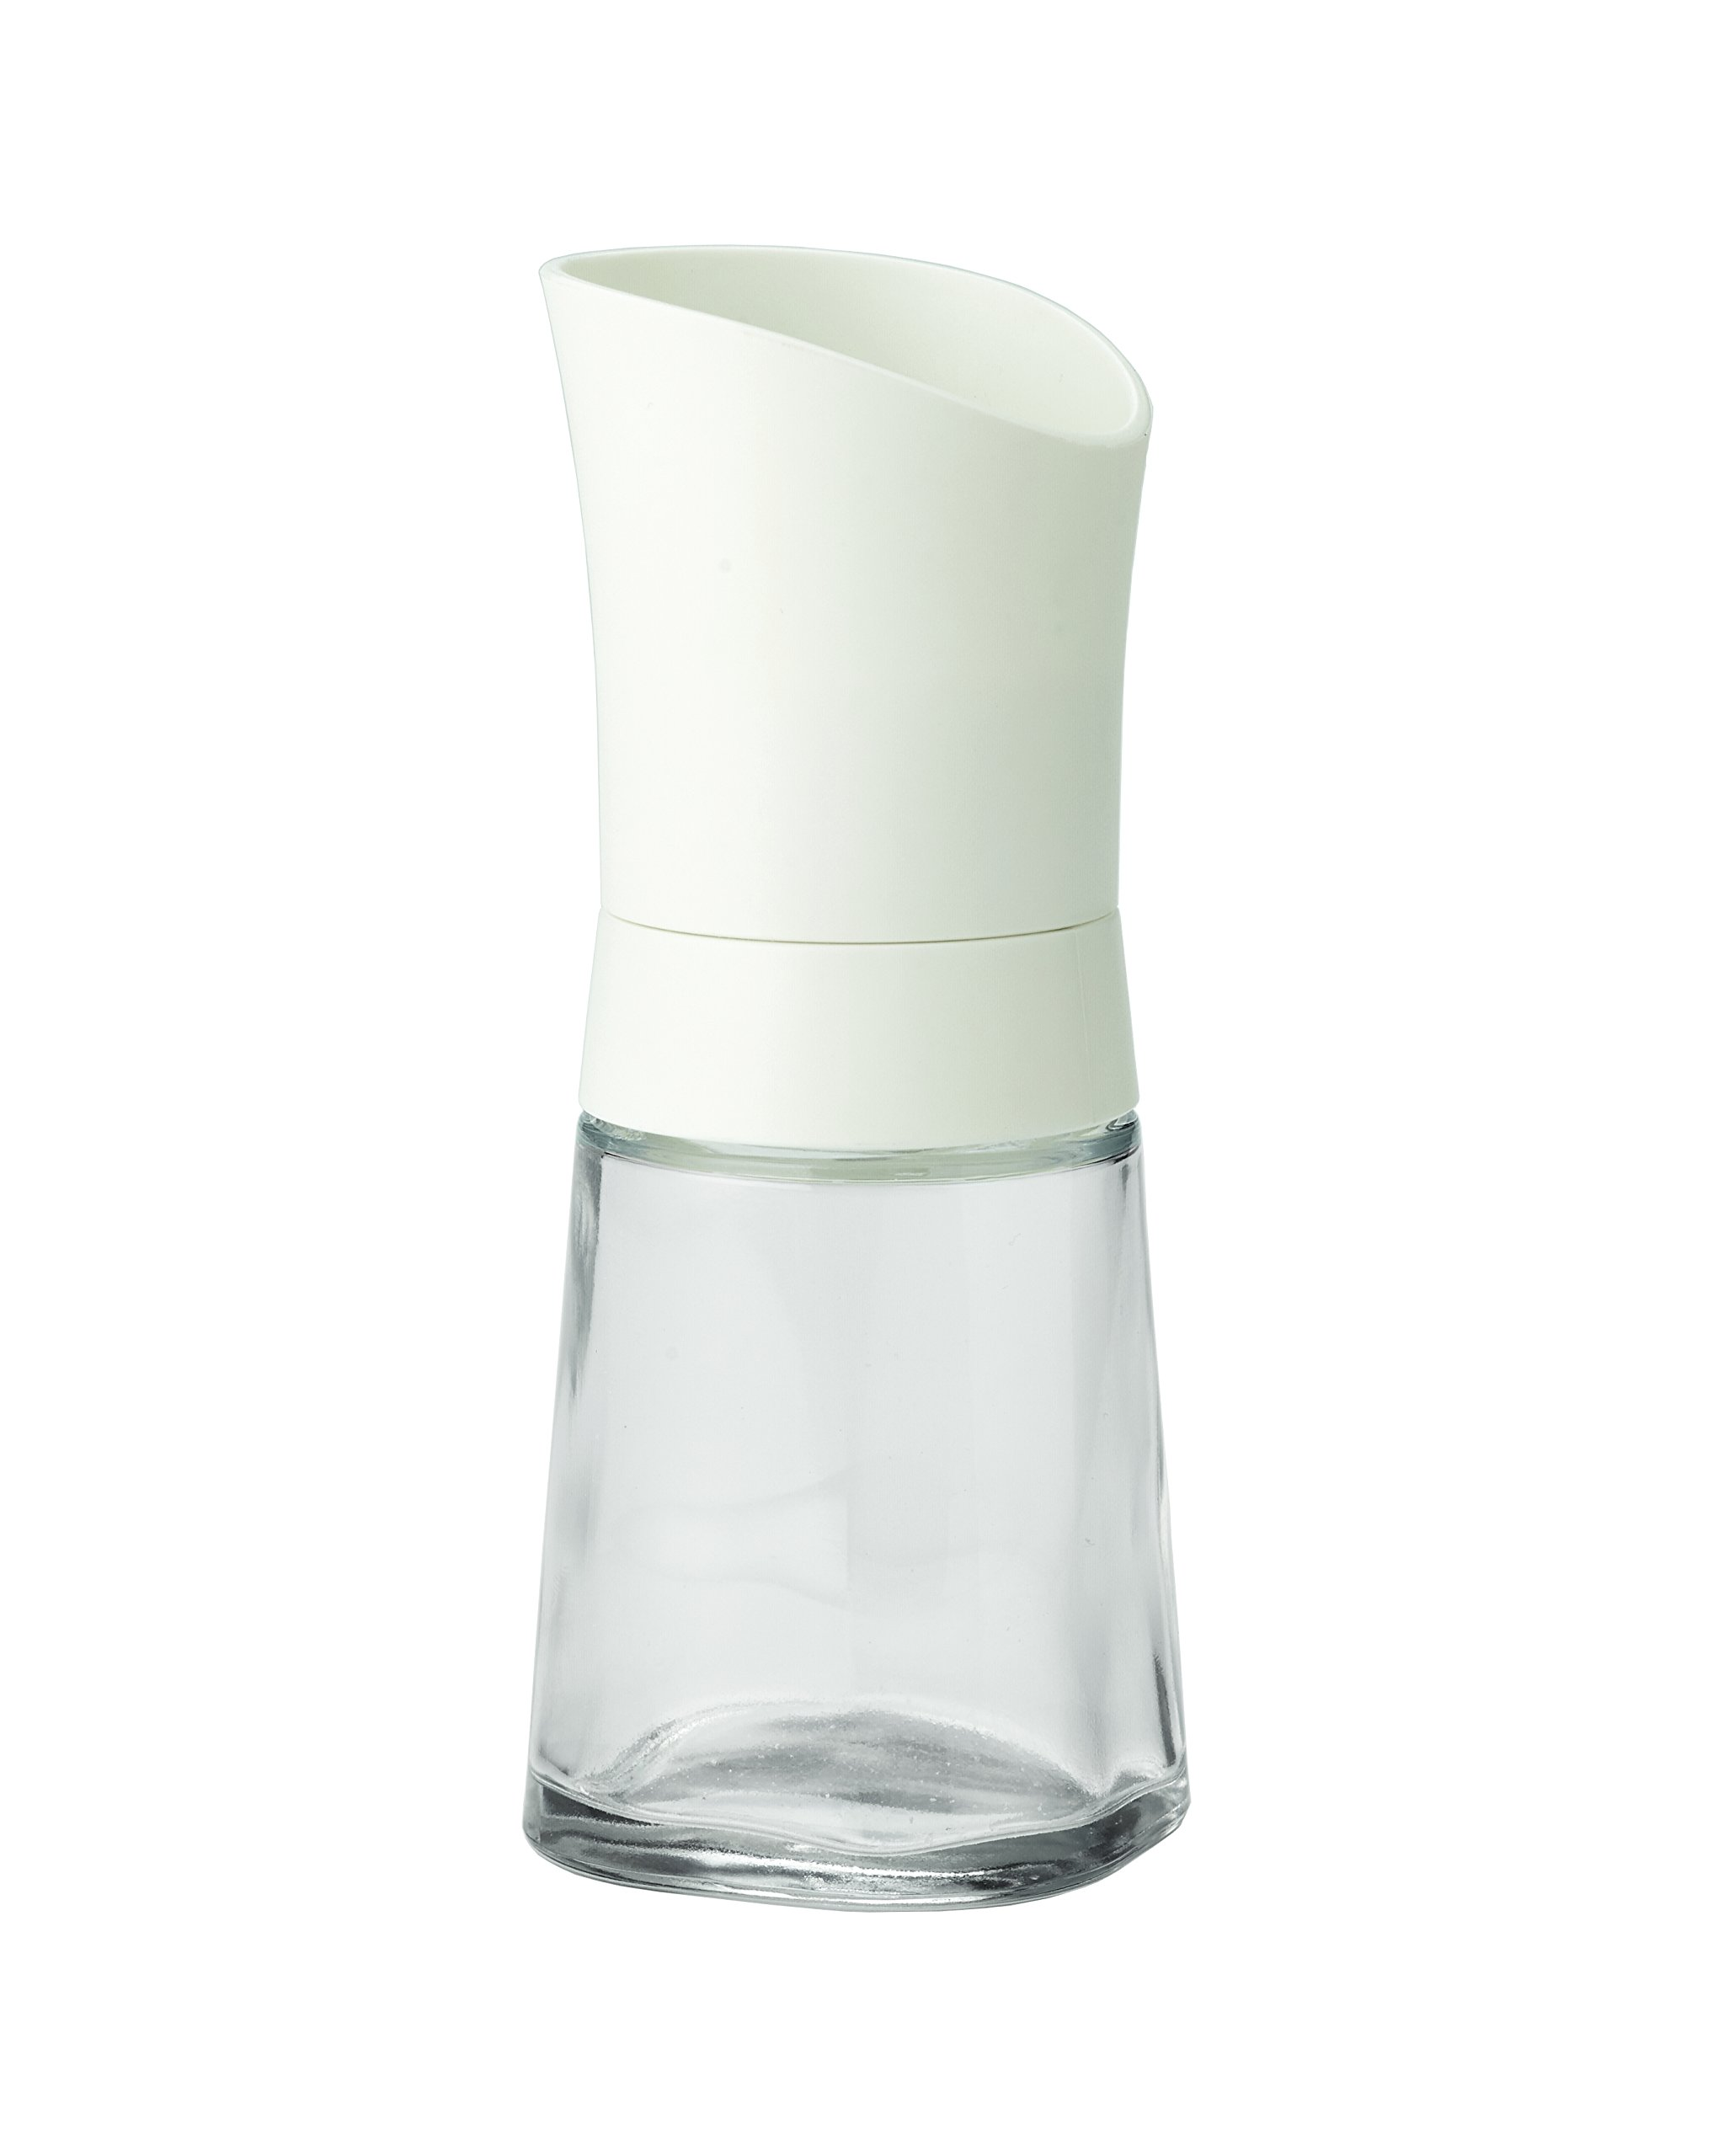 Linden Sweden 012186 Lily Spice Grinder, White